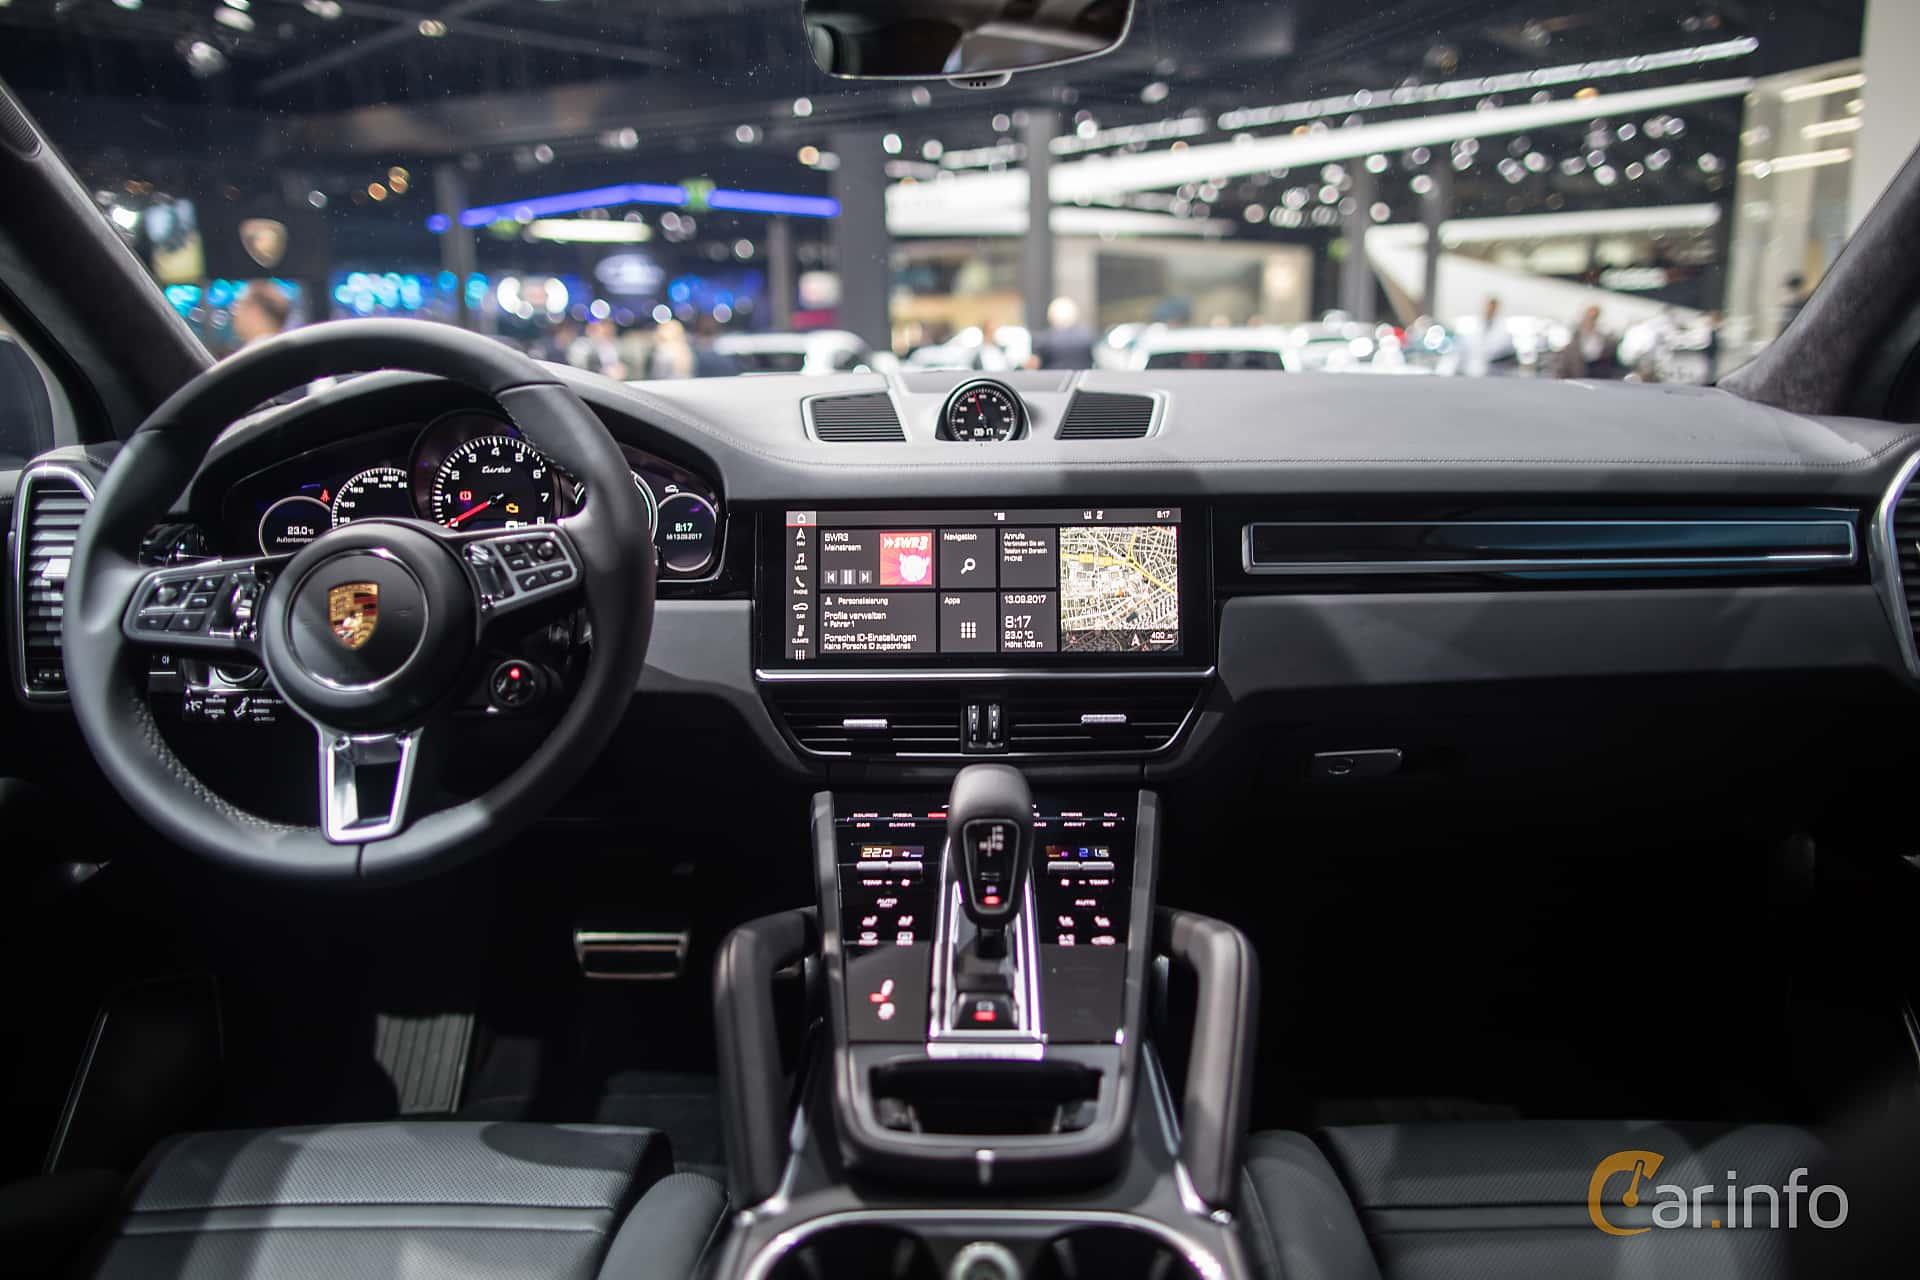 100 Porsche Panamera 2018 Interior 2018 Porsche Cayenne Turbo Review Gtspirit 2017